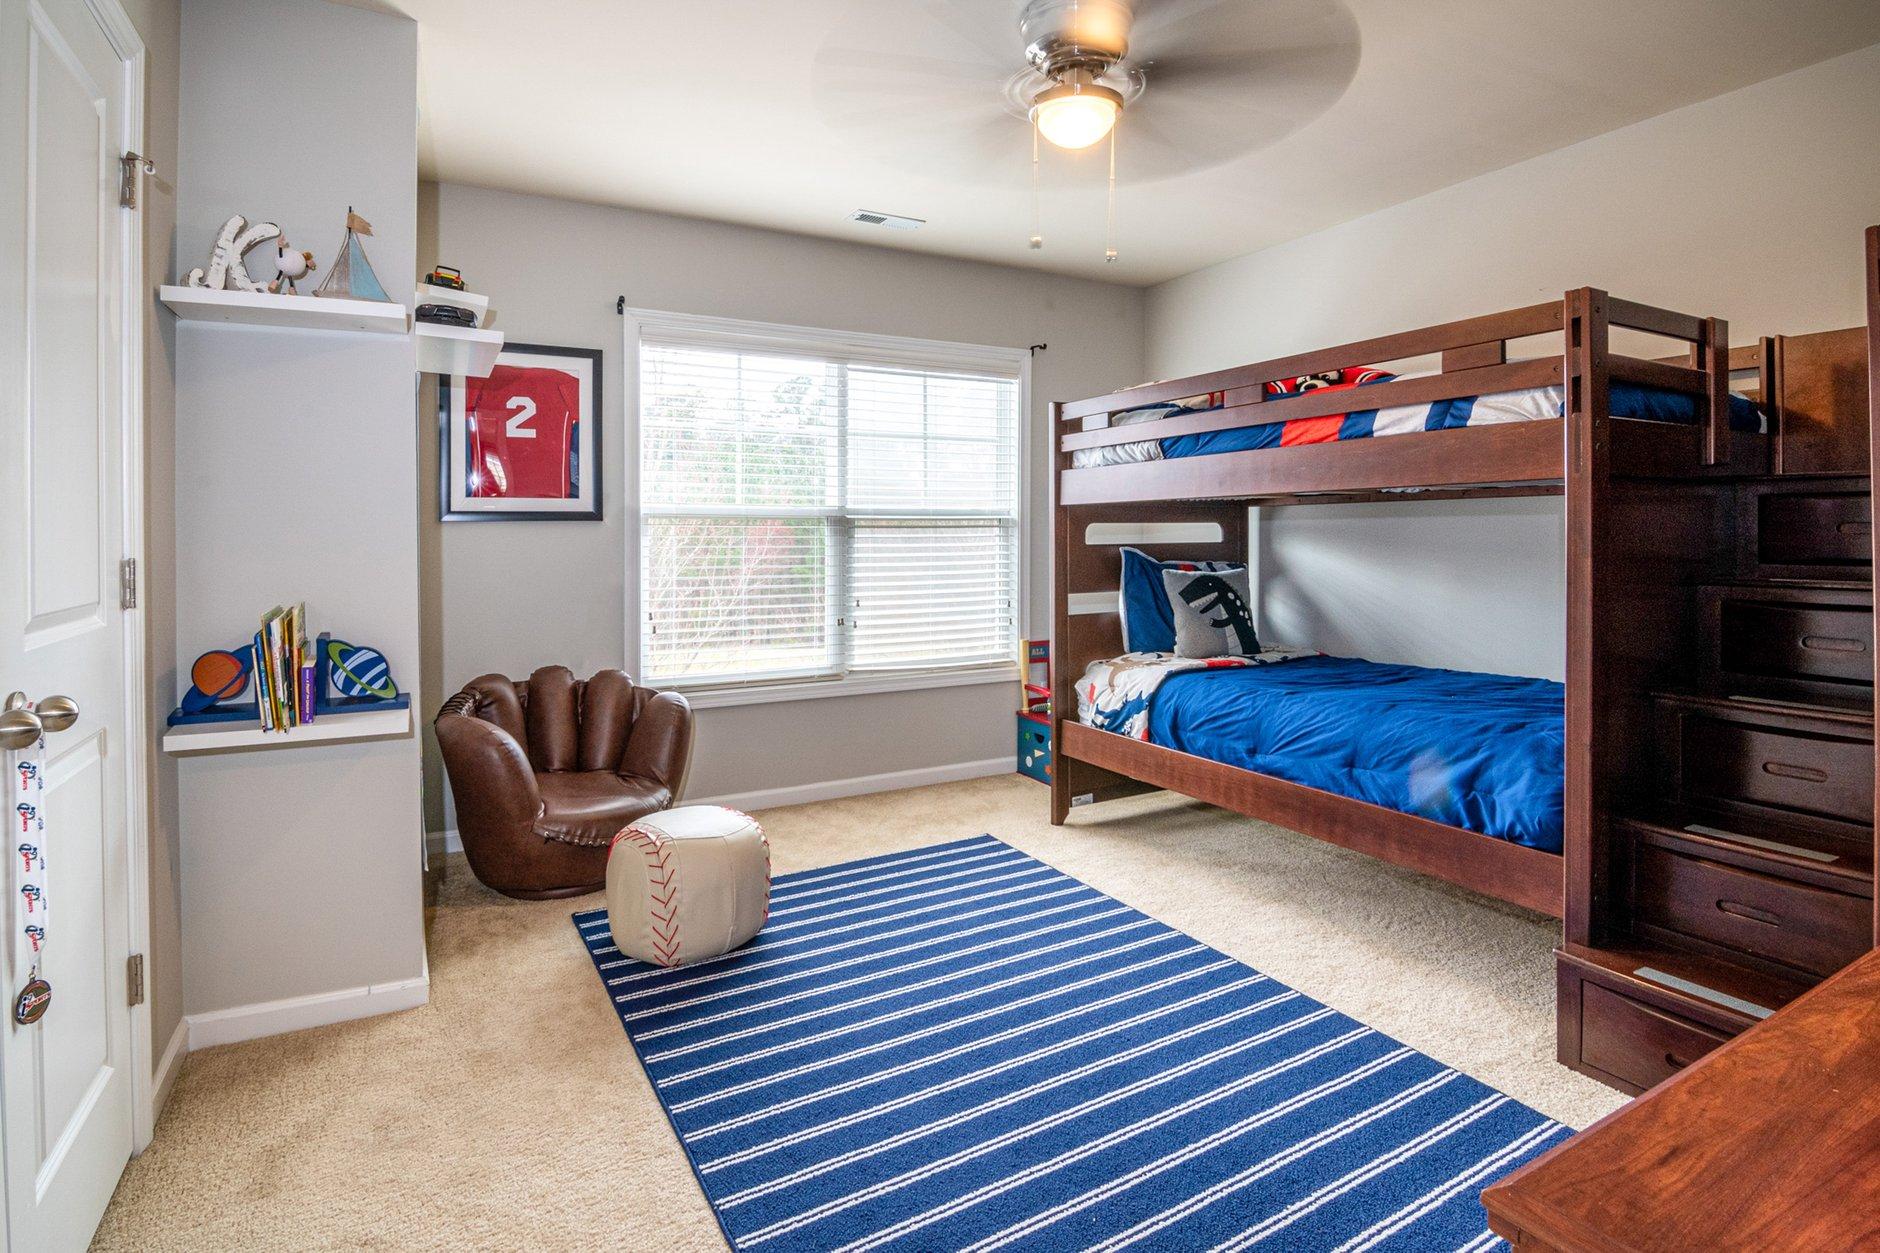 poschova-postel-s-drevenym-ramom-v-detskej-izbe-modry-koberec-velkeokno